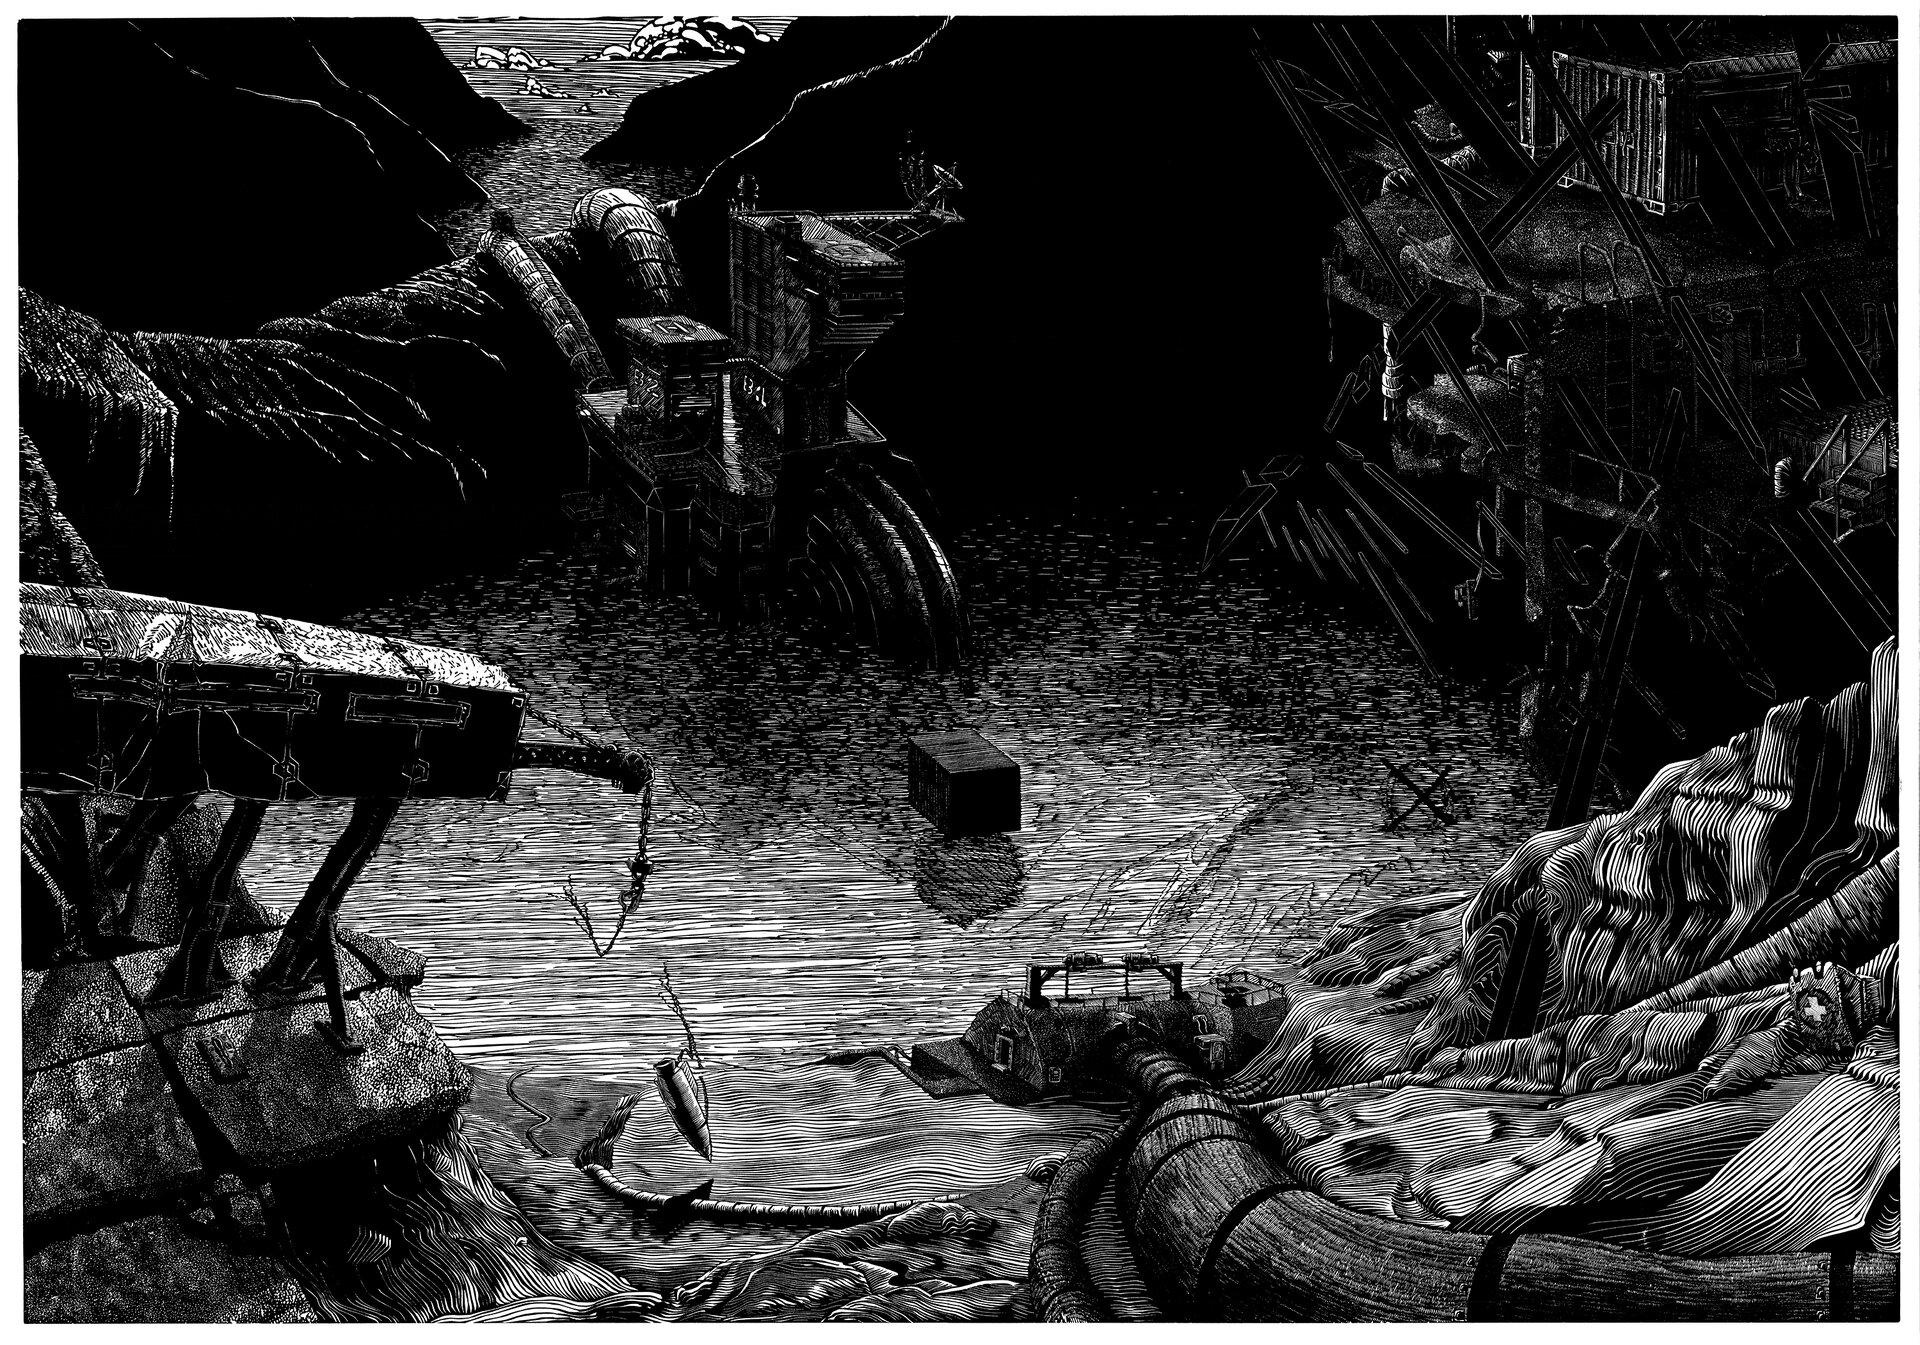 """Ilustracja przedstawia linoryt """"Jezioro"""" autorstwa Jakuba Jaszewskiego. Czarno-biała, mroczna grafika ukazuje fantastyczny krajobraz ztaflą jeziora pośrodku pofalowanych zboczy gór, na których rozmieszczono różnego rodzaju budowle przywodzące na myśl świat science fiction. Nad jeziorem unosi się mały, czarny sześcian. Achromatyczna, czarno-biała grafika, wykonana została zdużą dbałością okażdy detal za pomocą drobnych linii."""